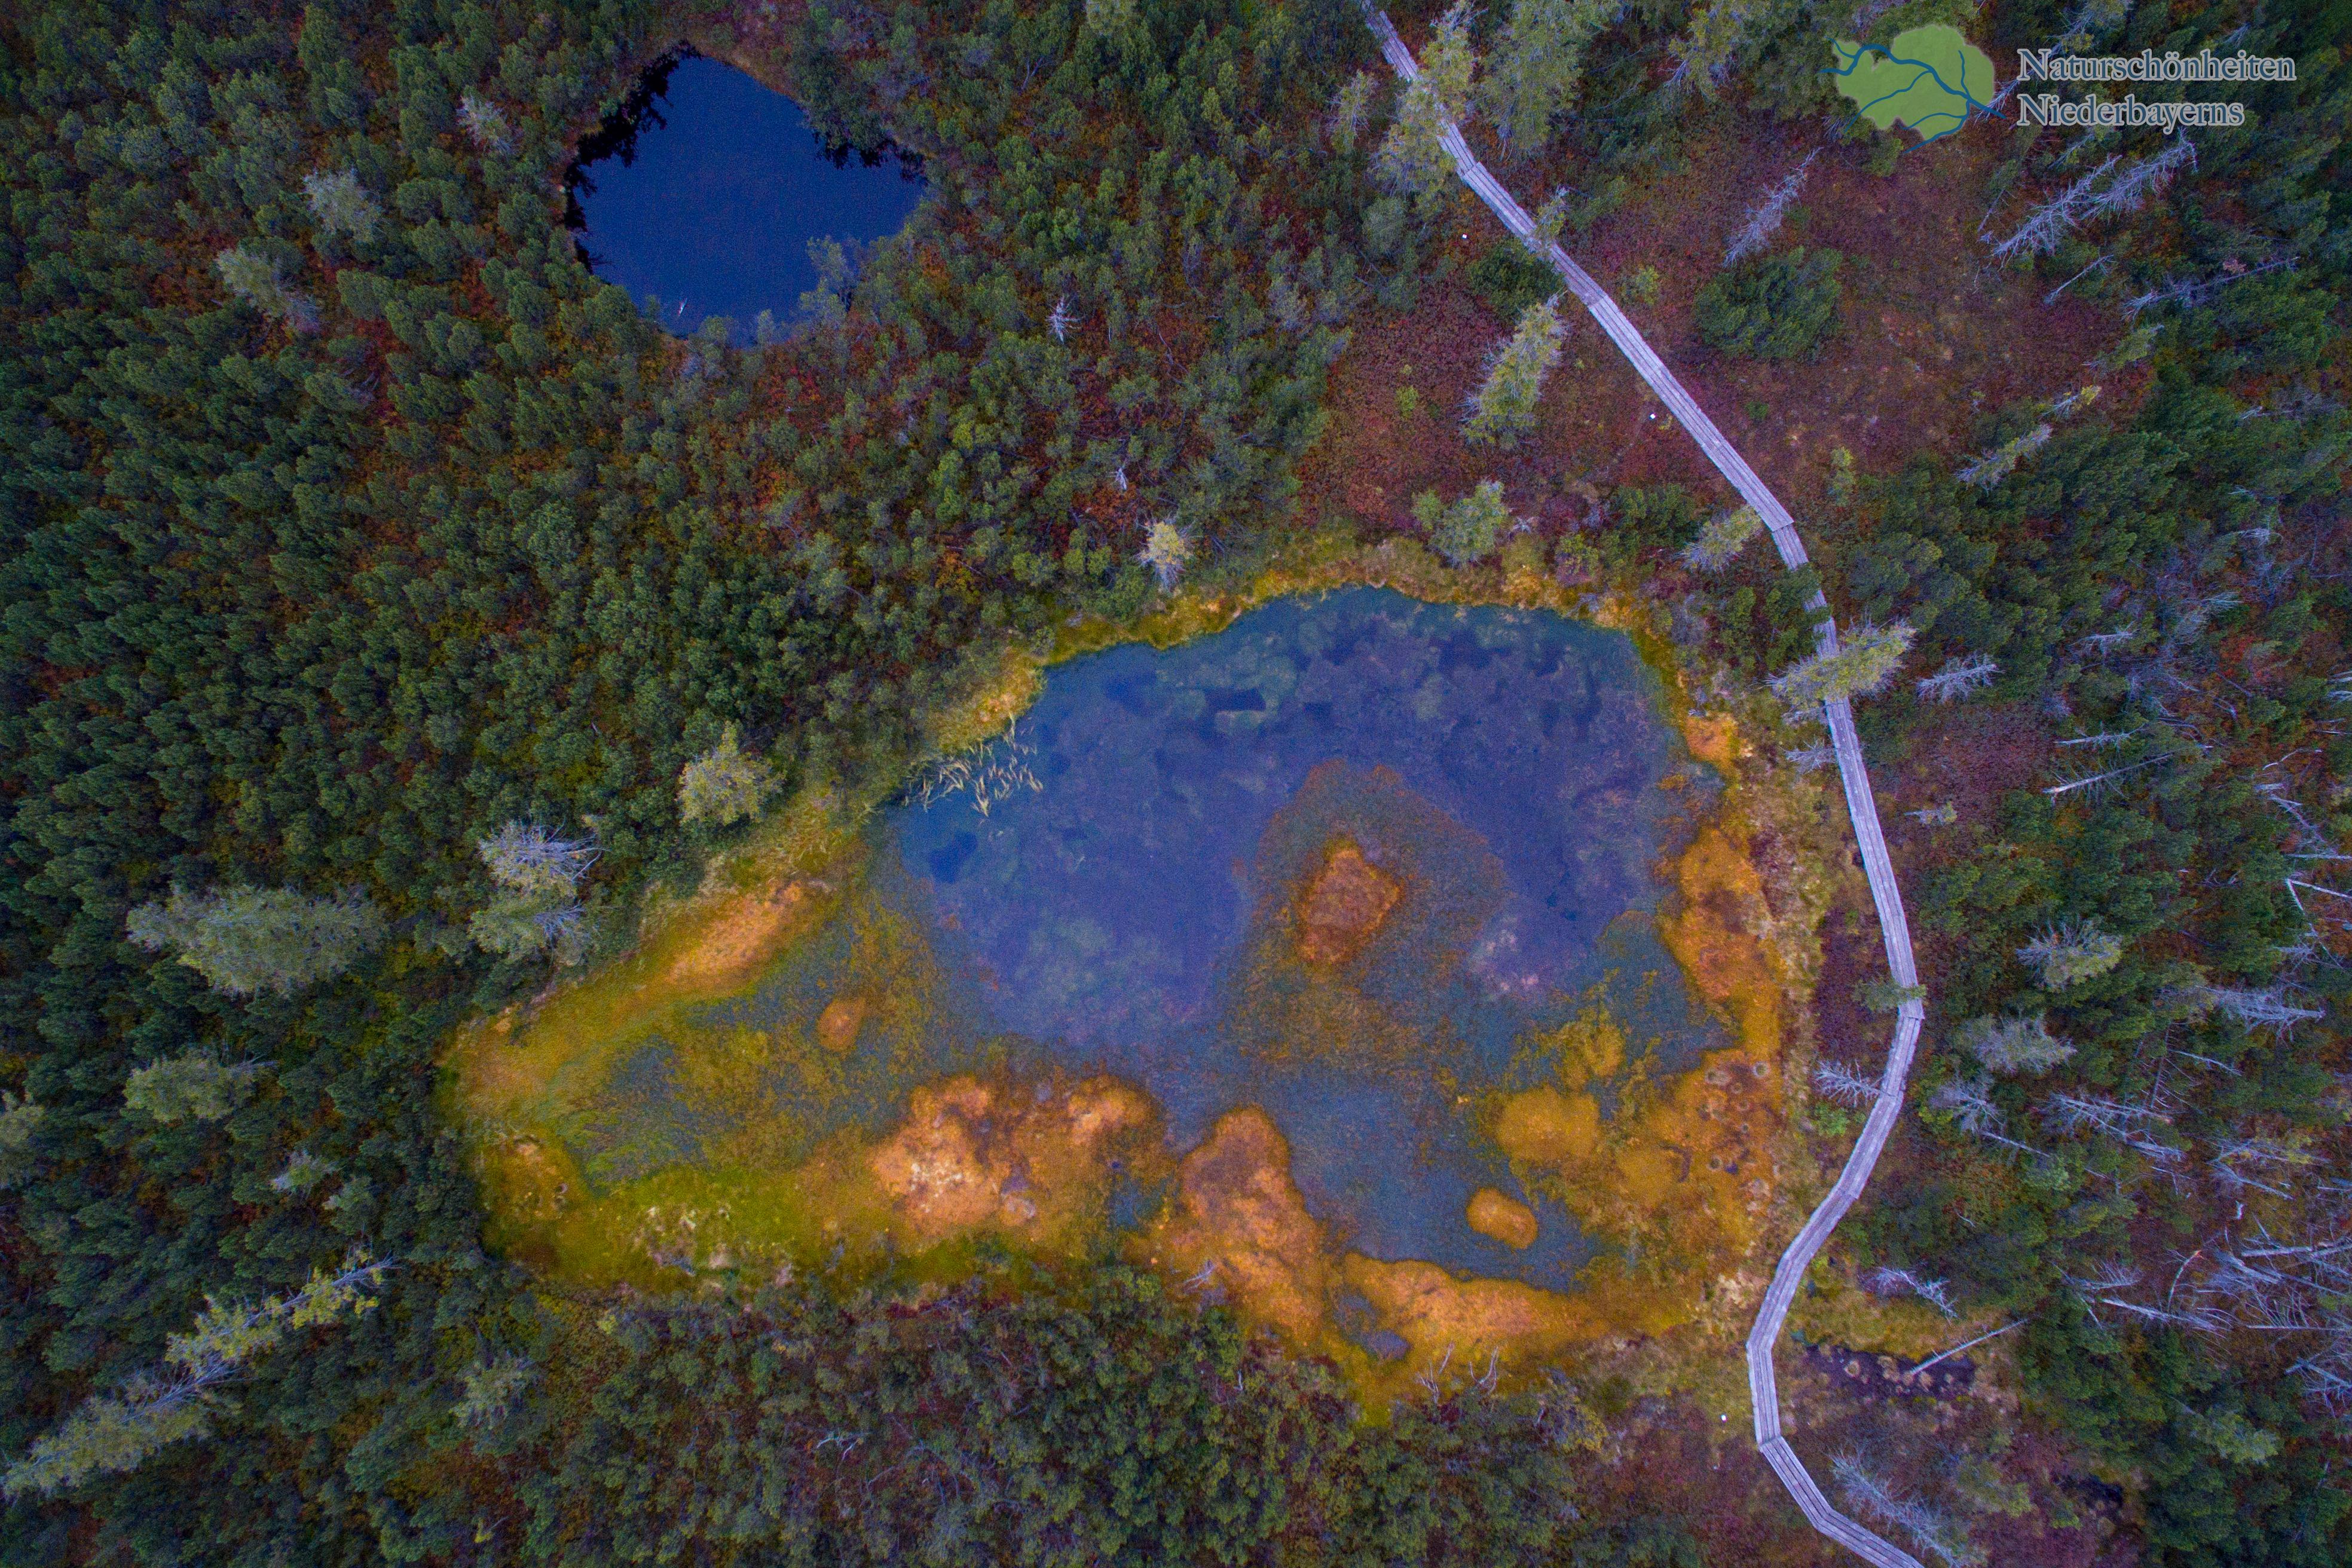 Yellowstone? Nein, Hochmoor im NP Bayerischer Wald